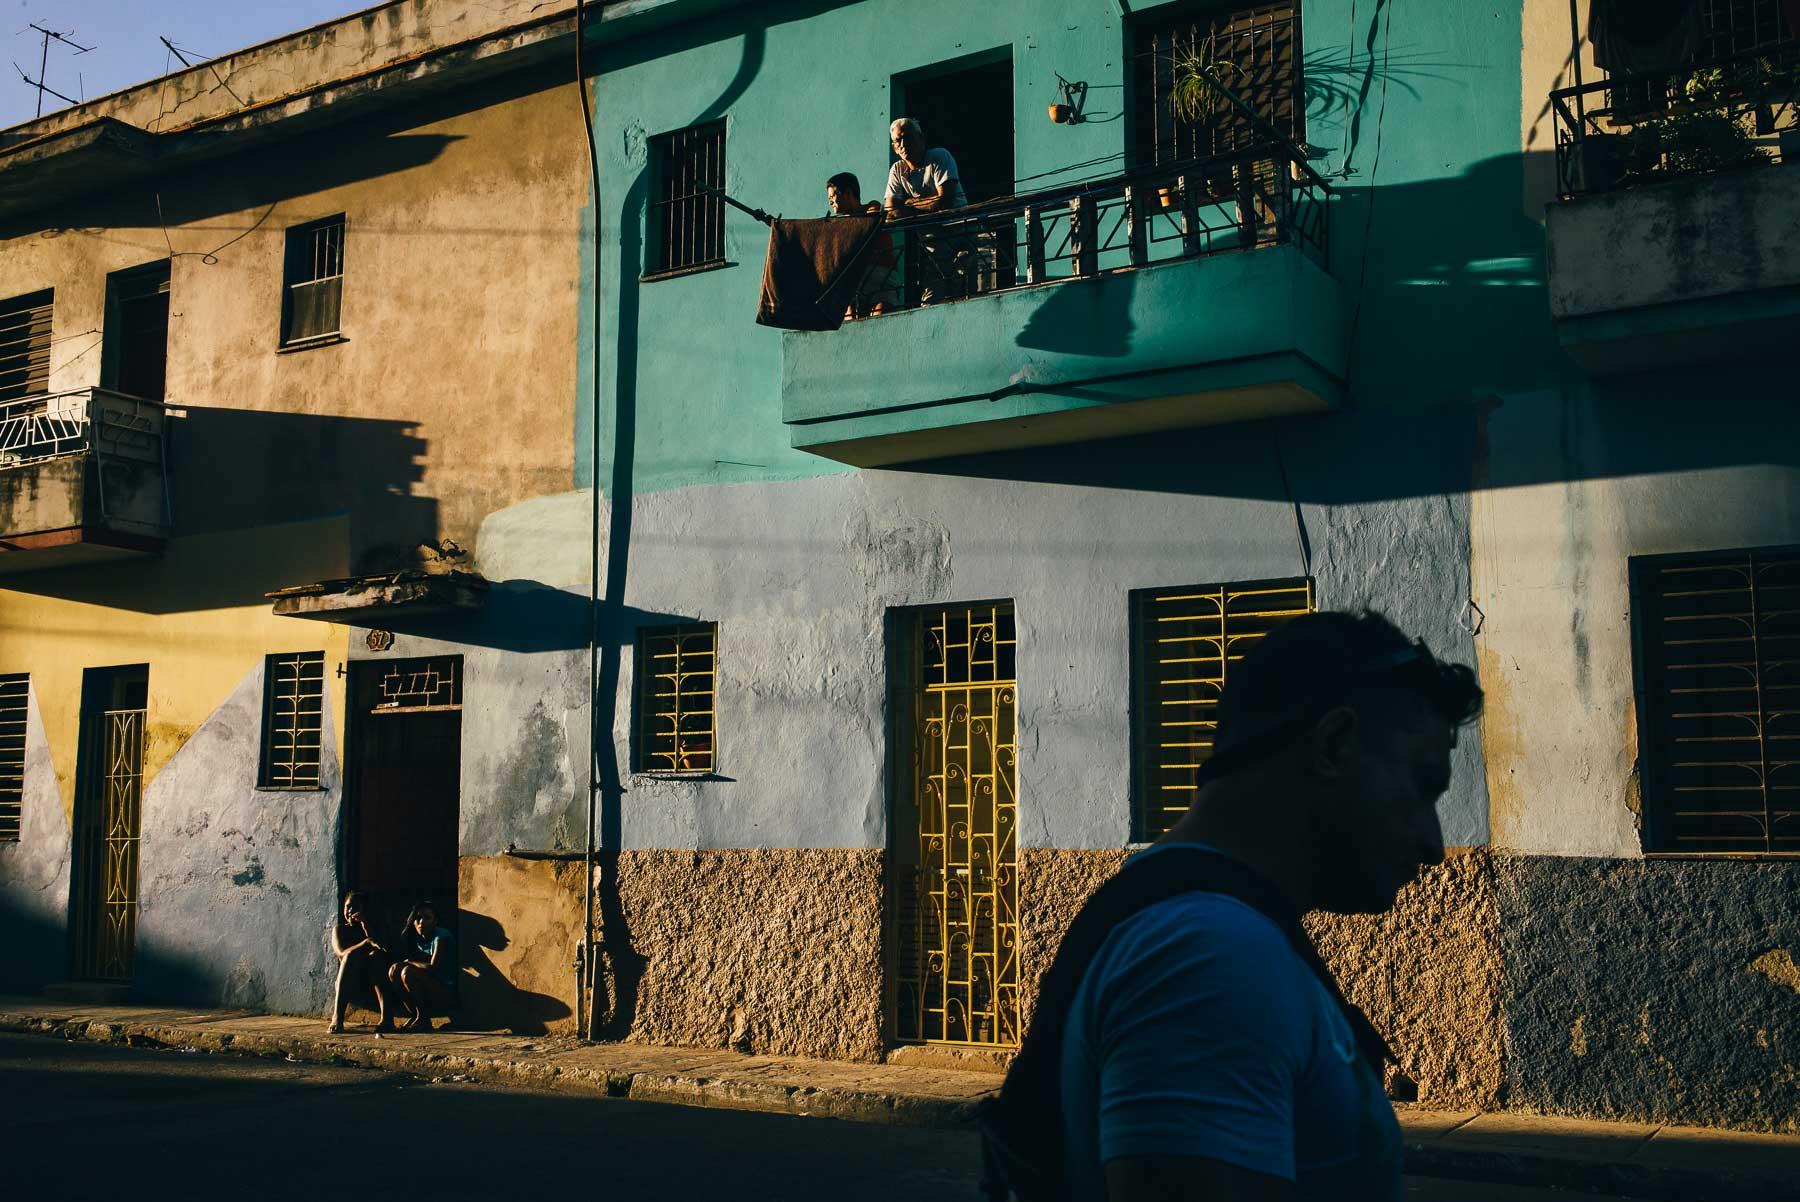 havana_cuba_workshop_photographers_03.jpg